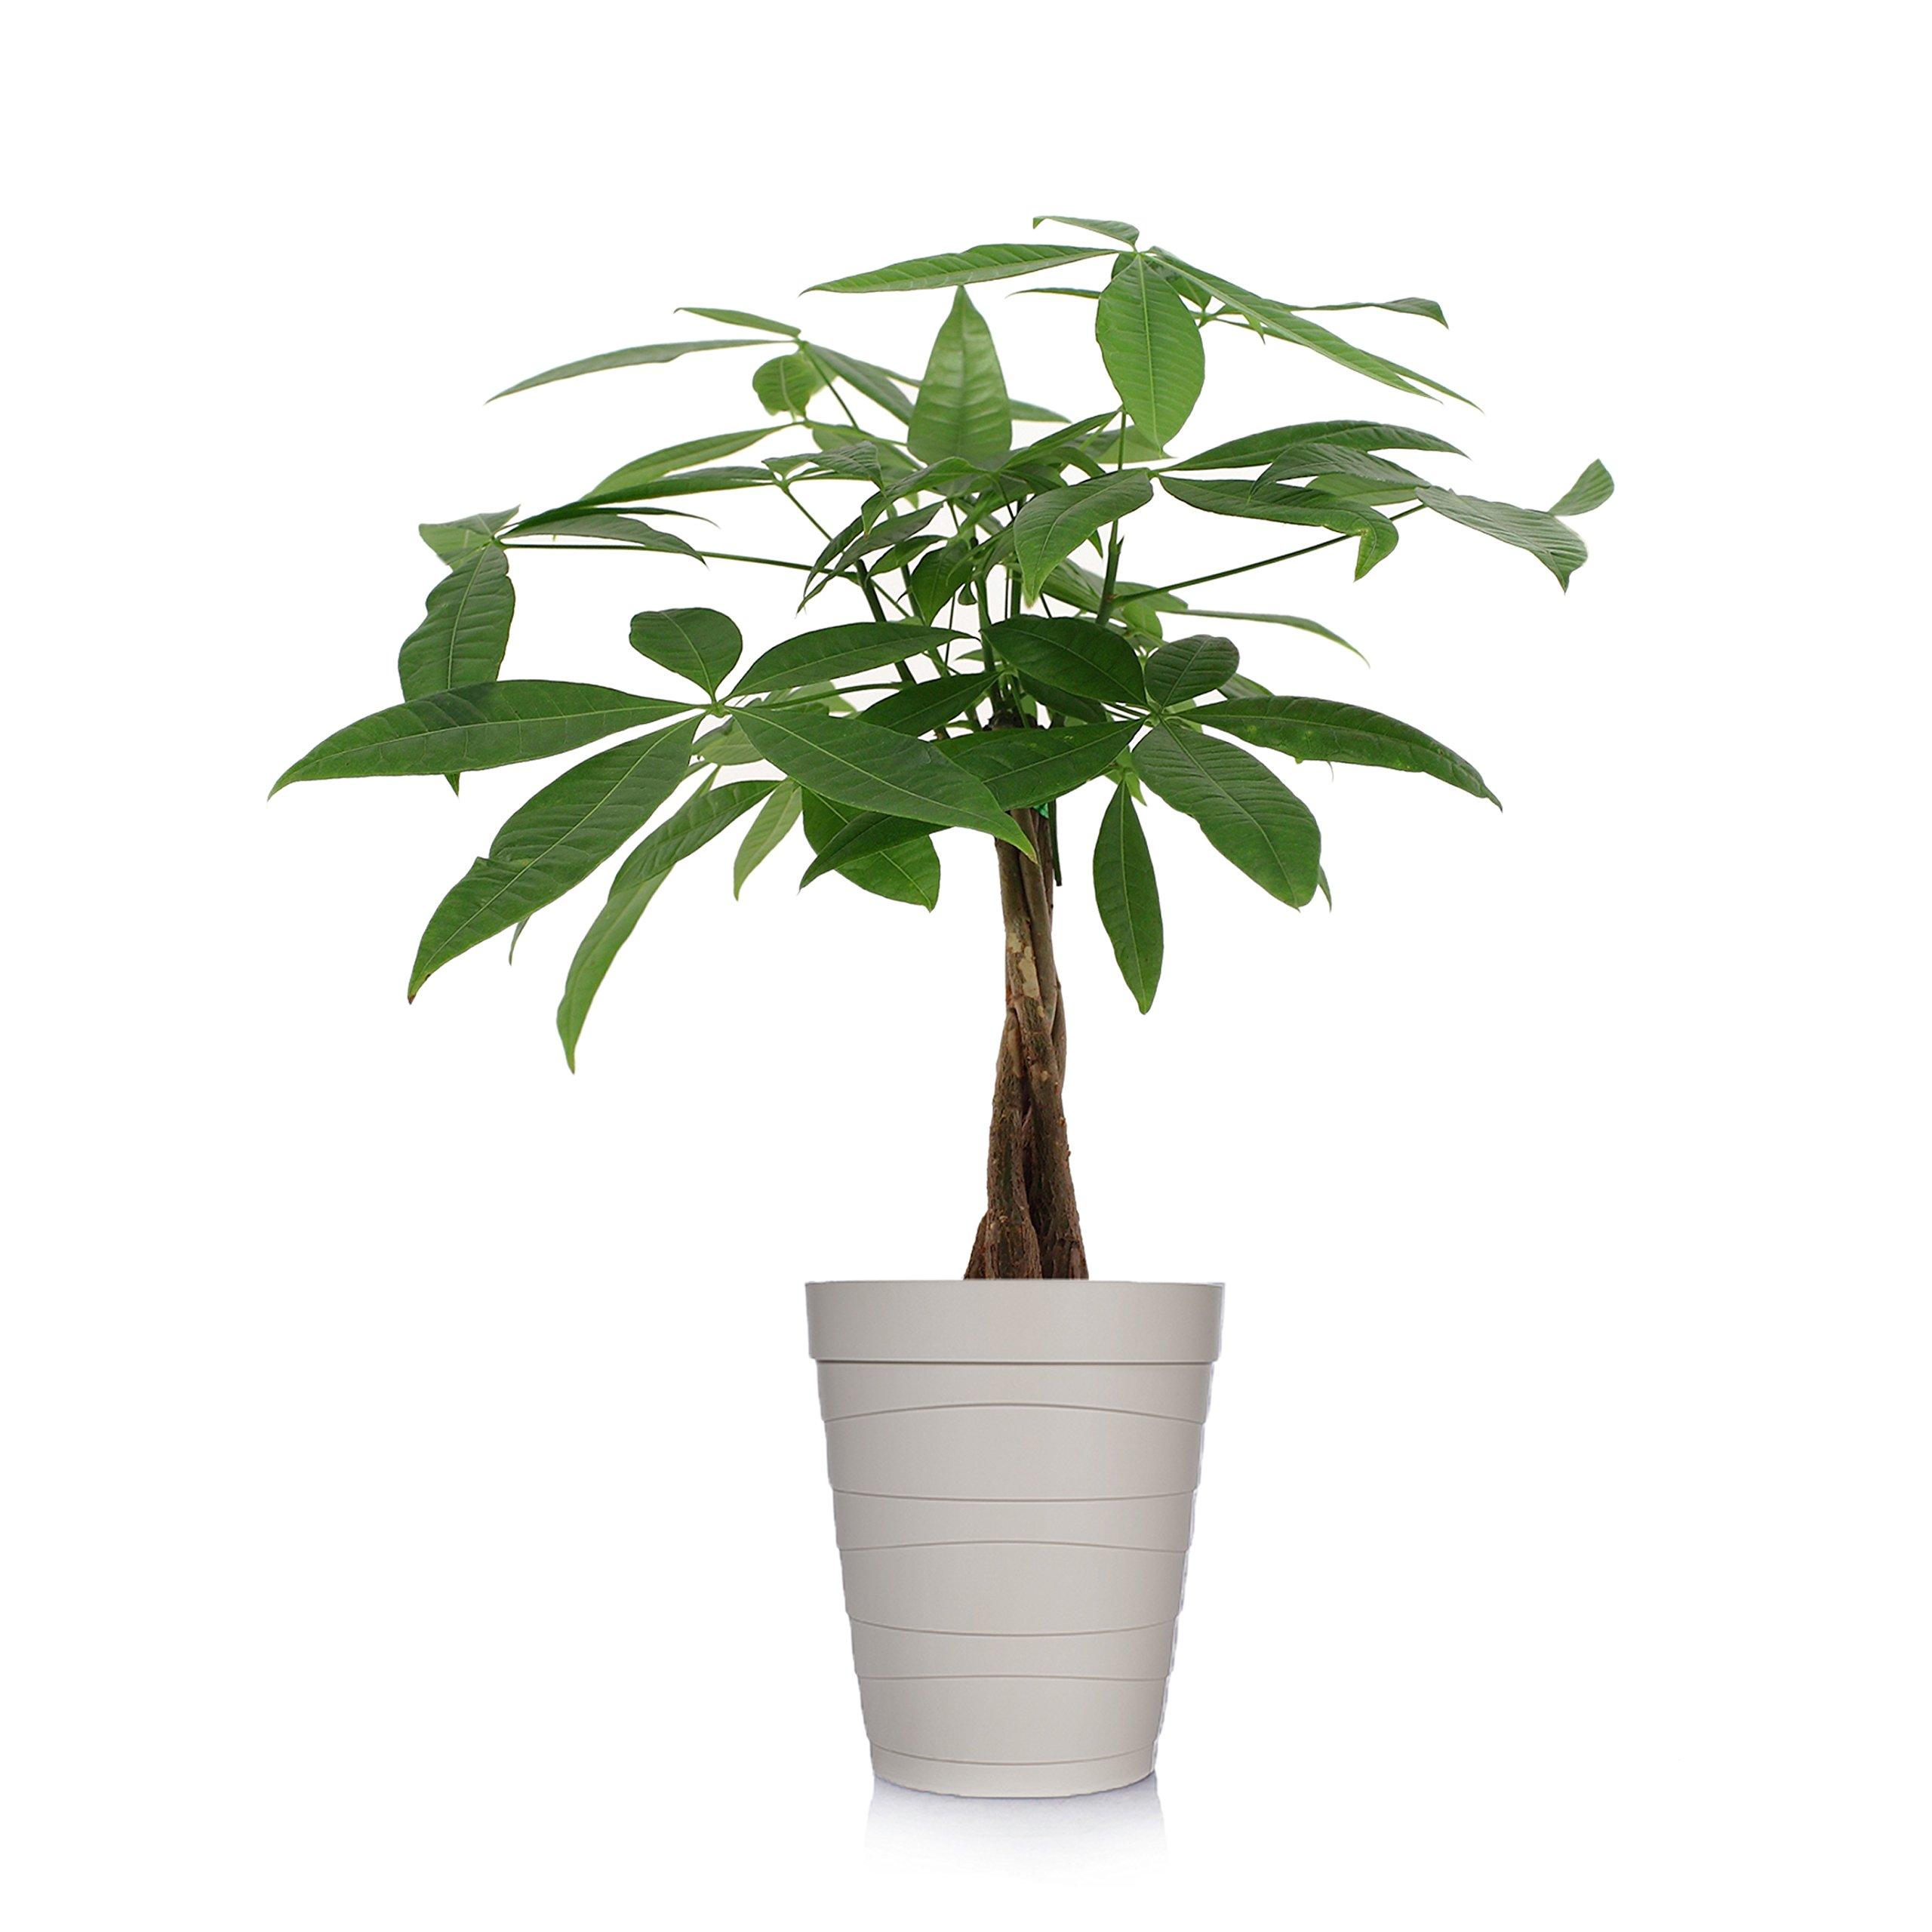 Just Add Ice 401127 Money Tree Ocean Breeze Plant, 5'' in Diameter, Beige